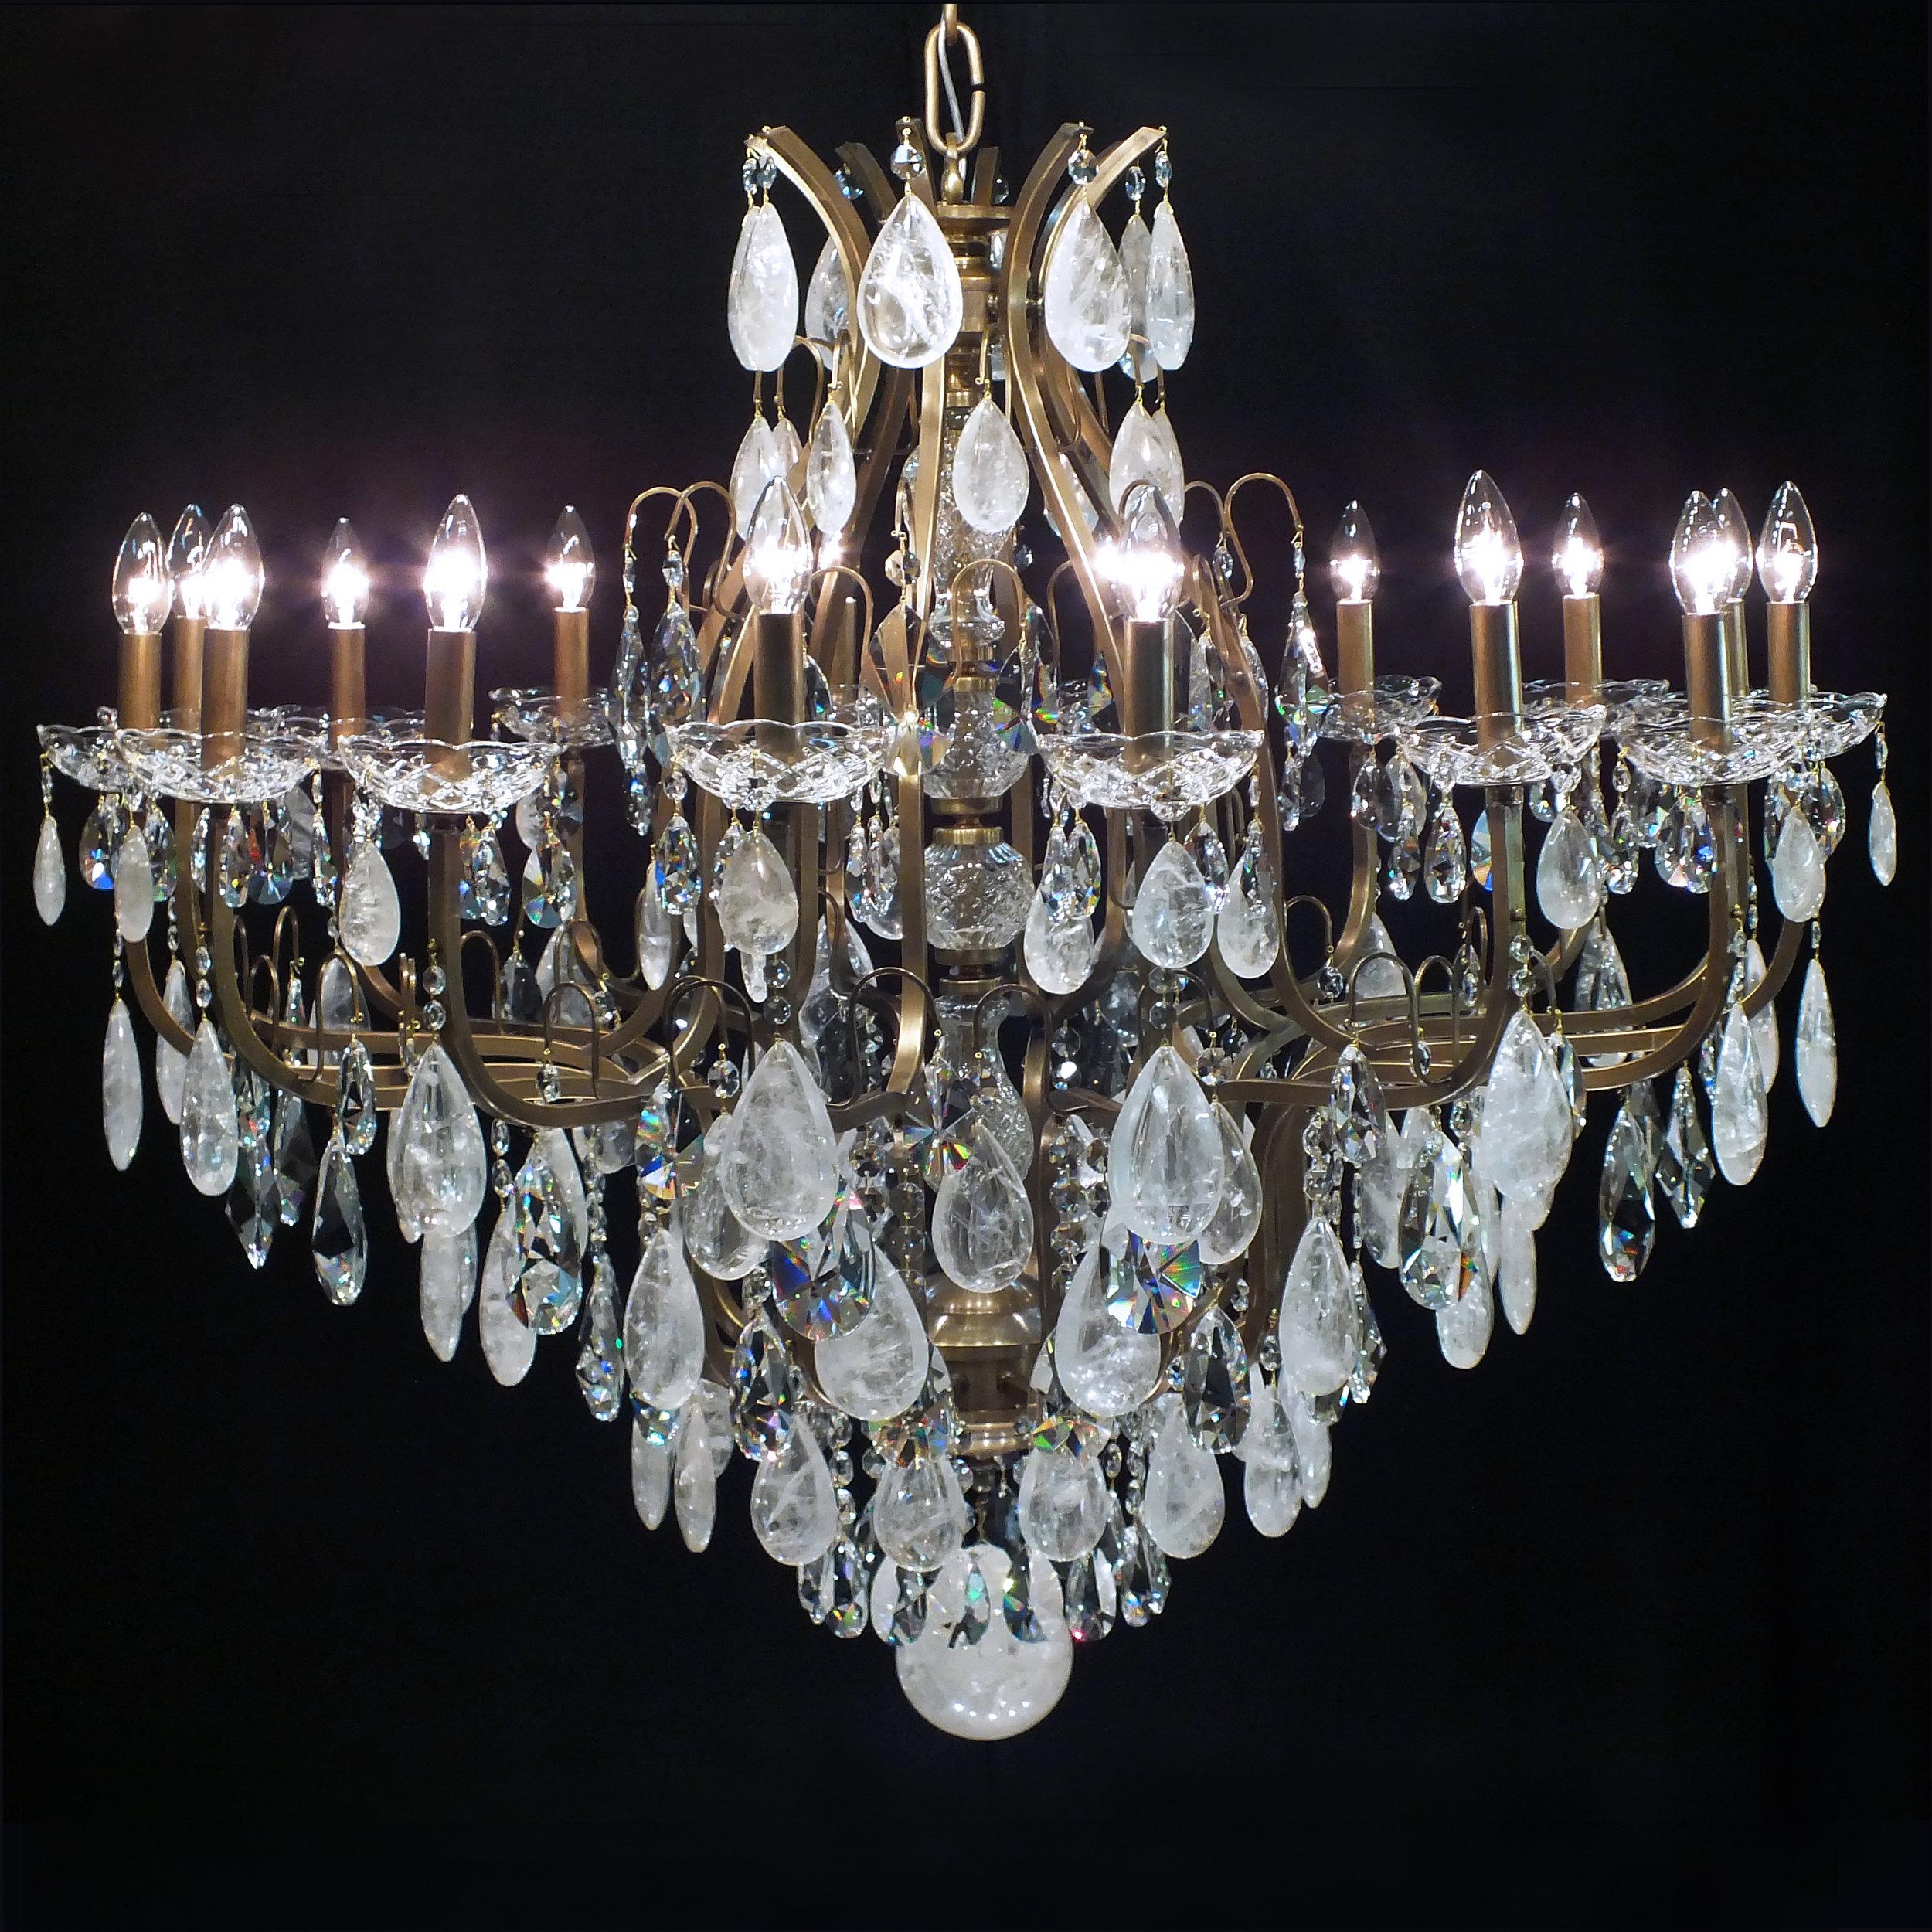 Lustre Mântova 16 braços com cristais de rocha quartzo extraclaros.